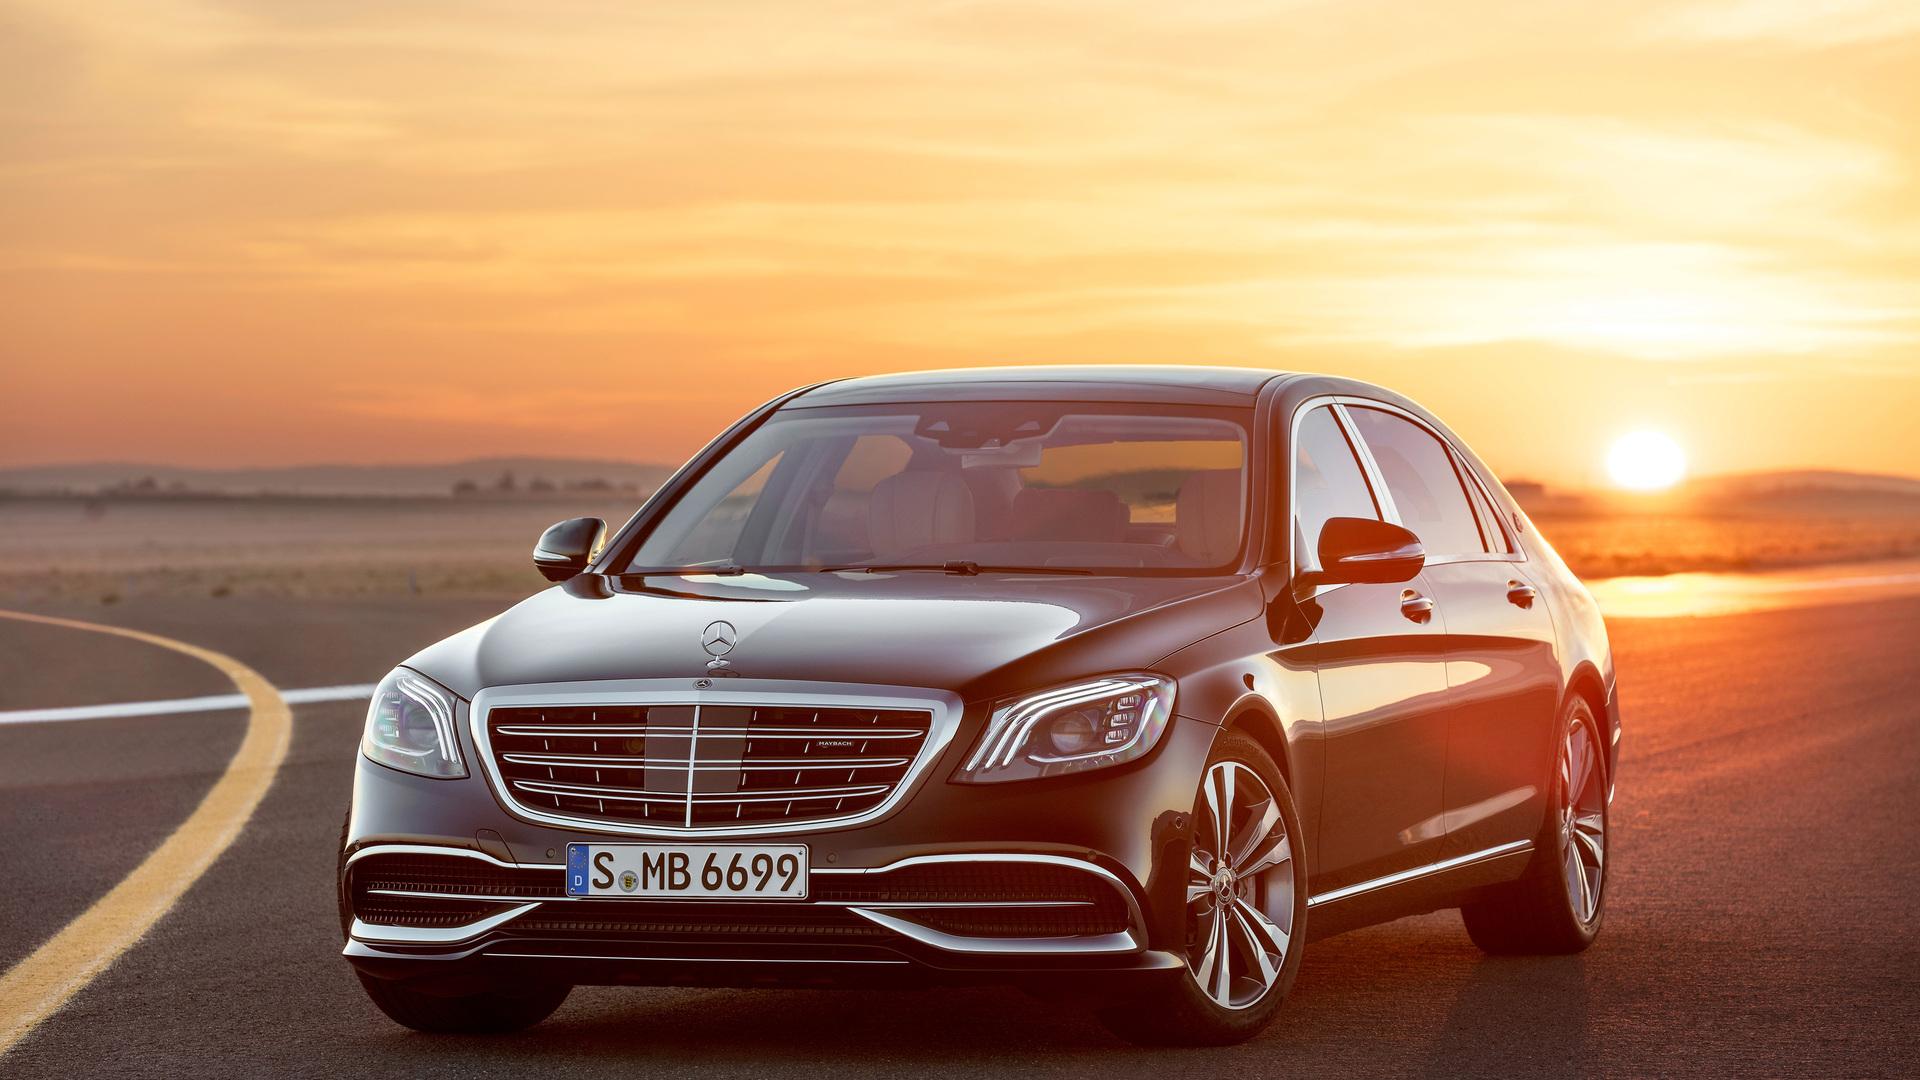 Mercedes Benz Clase S Fondo De Pantalla Hd Fondo De